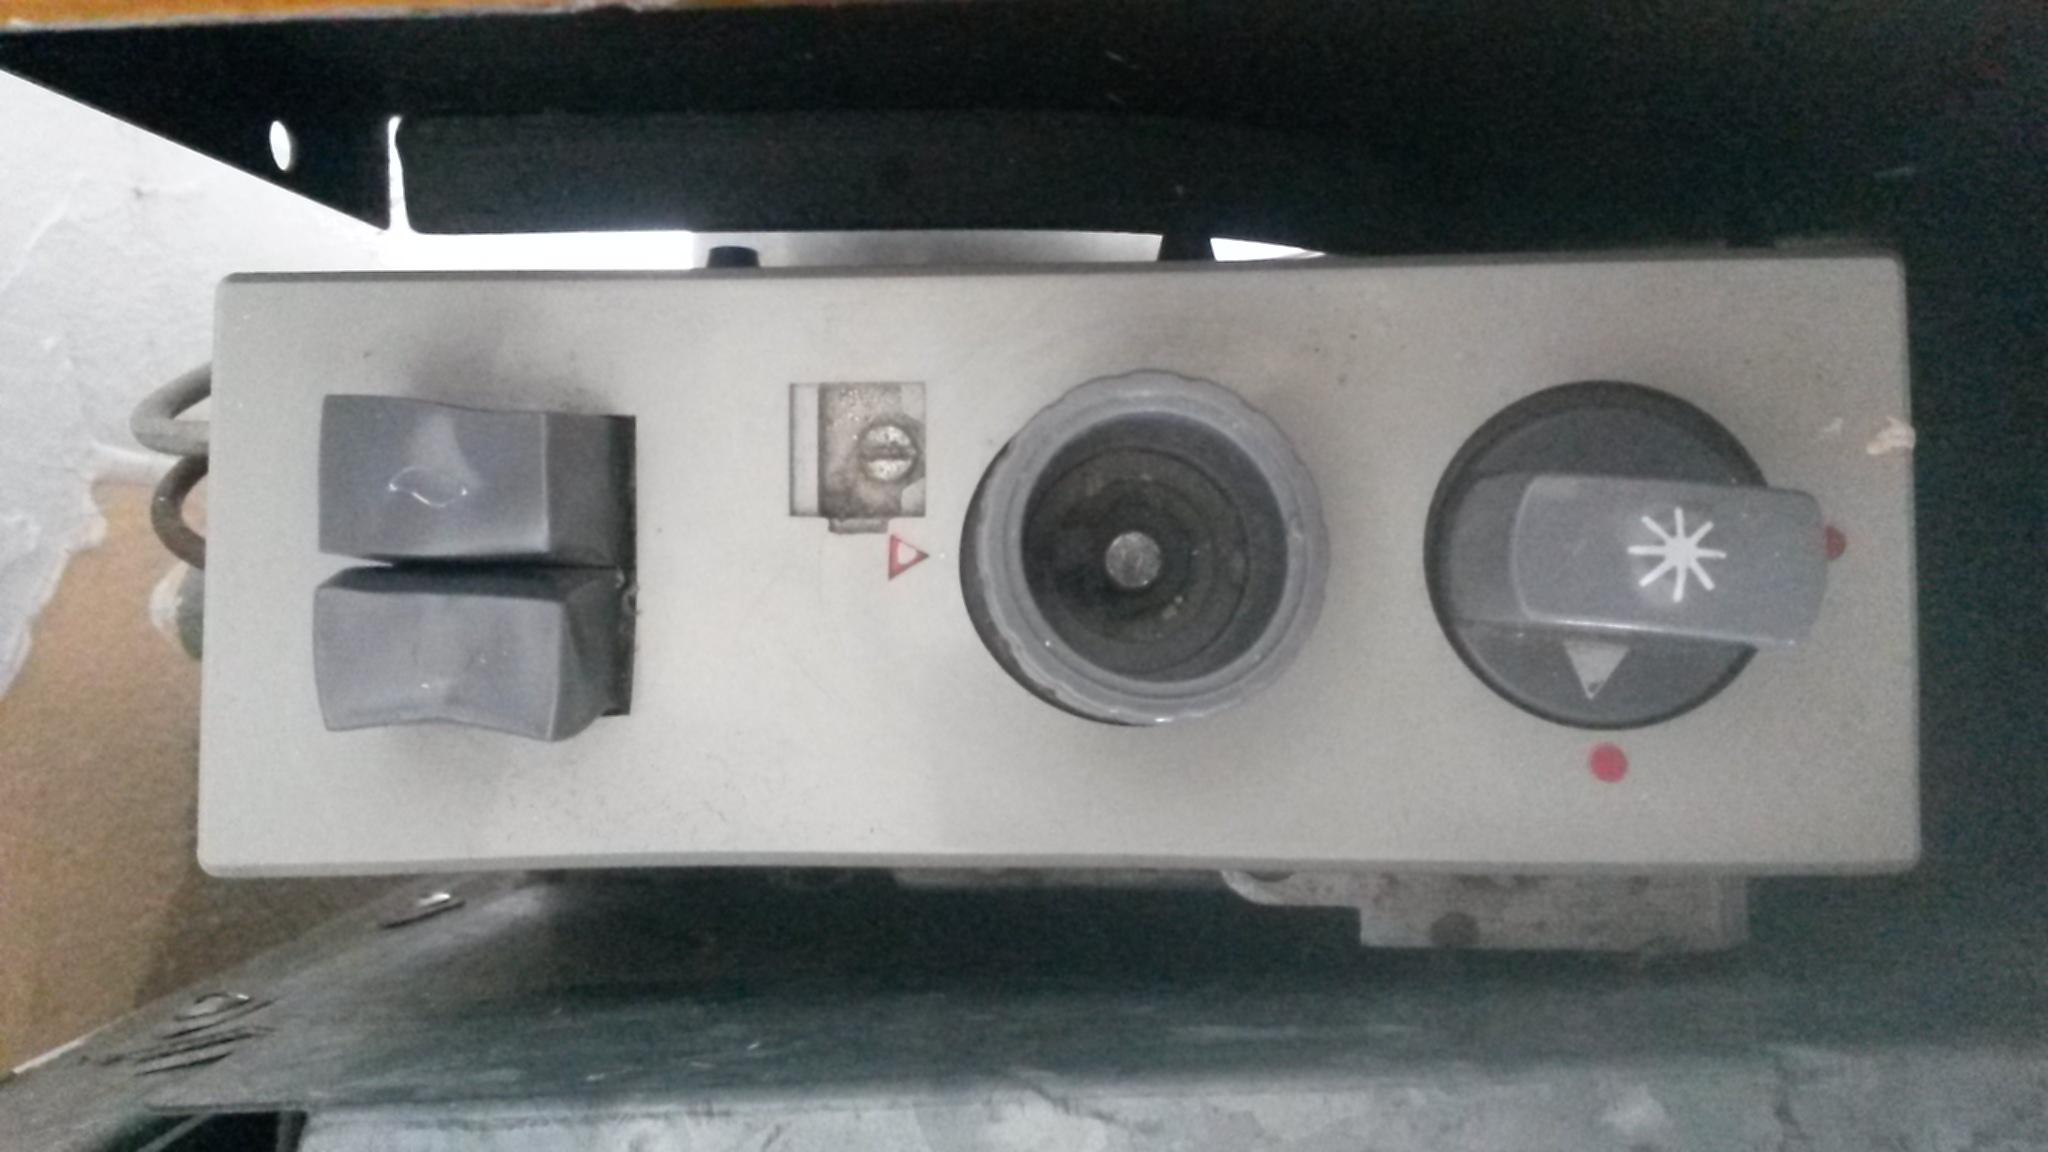 alte gasheizung von juno wie in betrieb nehmen heizung einschalten anschalten. Black Bedroom Furniture Sets. Home Design Ideas